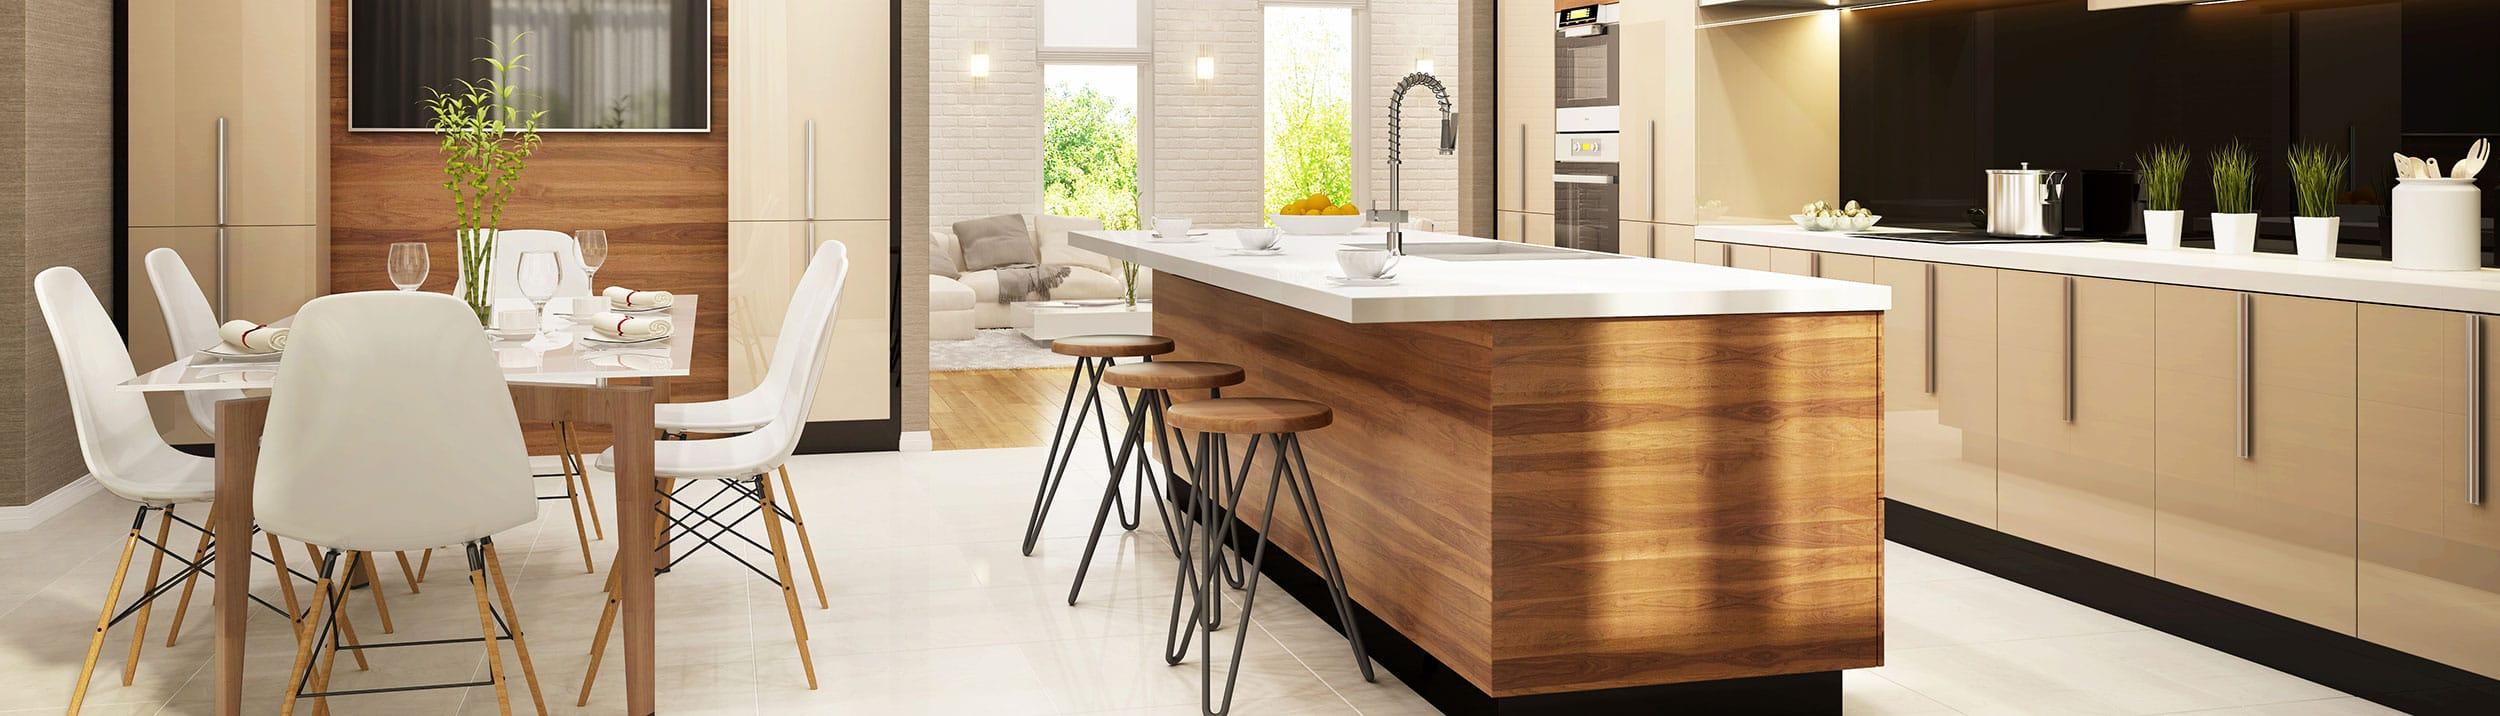 votre cuisiniste lausanne. Black Bedroom Furniture Sets. Home Design Ideas